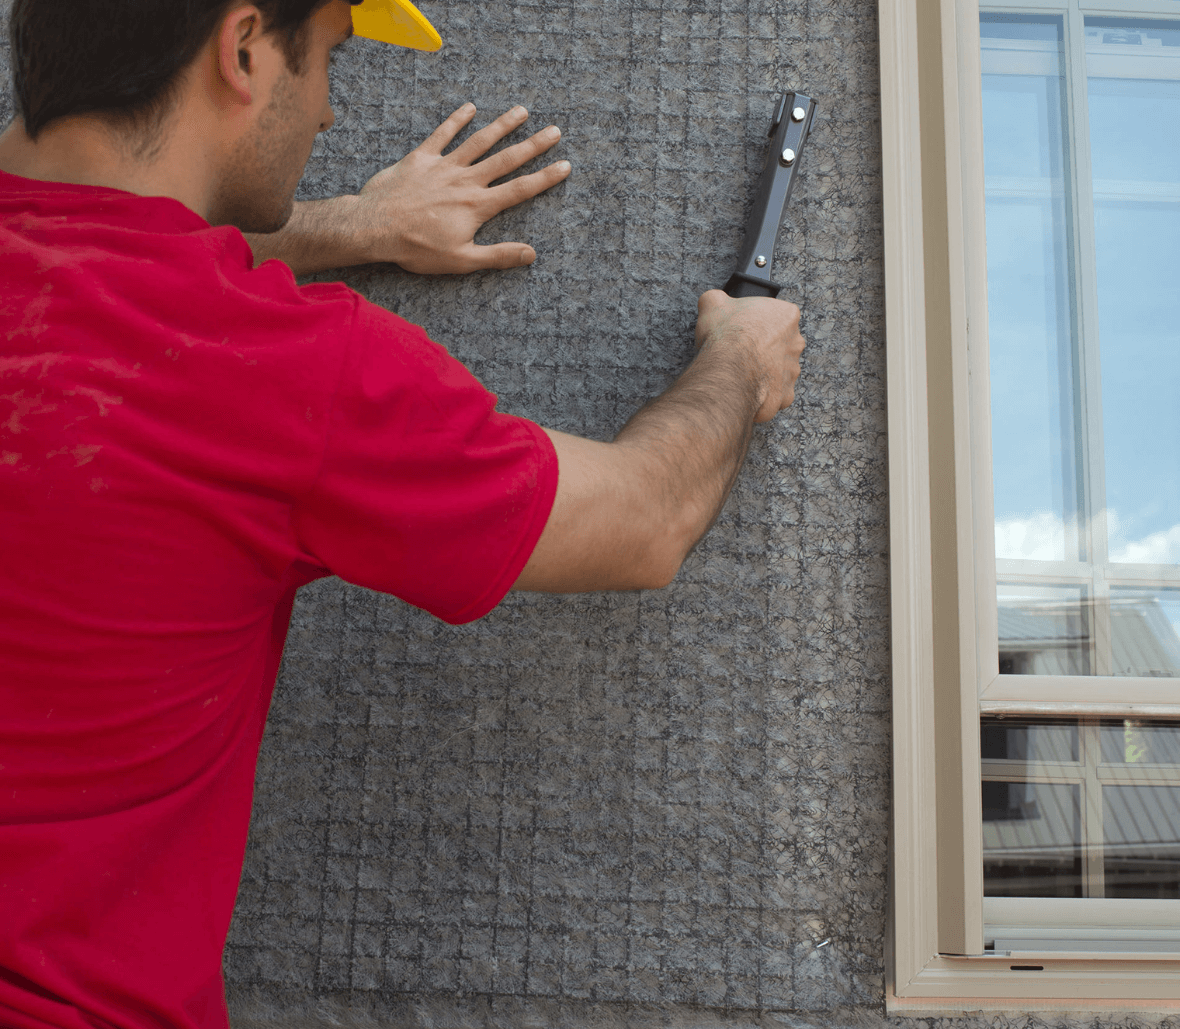 EnkaWallDrain rainscreen drainge mats instlallaiton on outside wall Credits Enka Solutions_©Low&Bonar